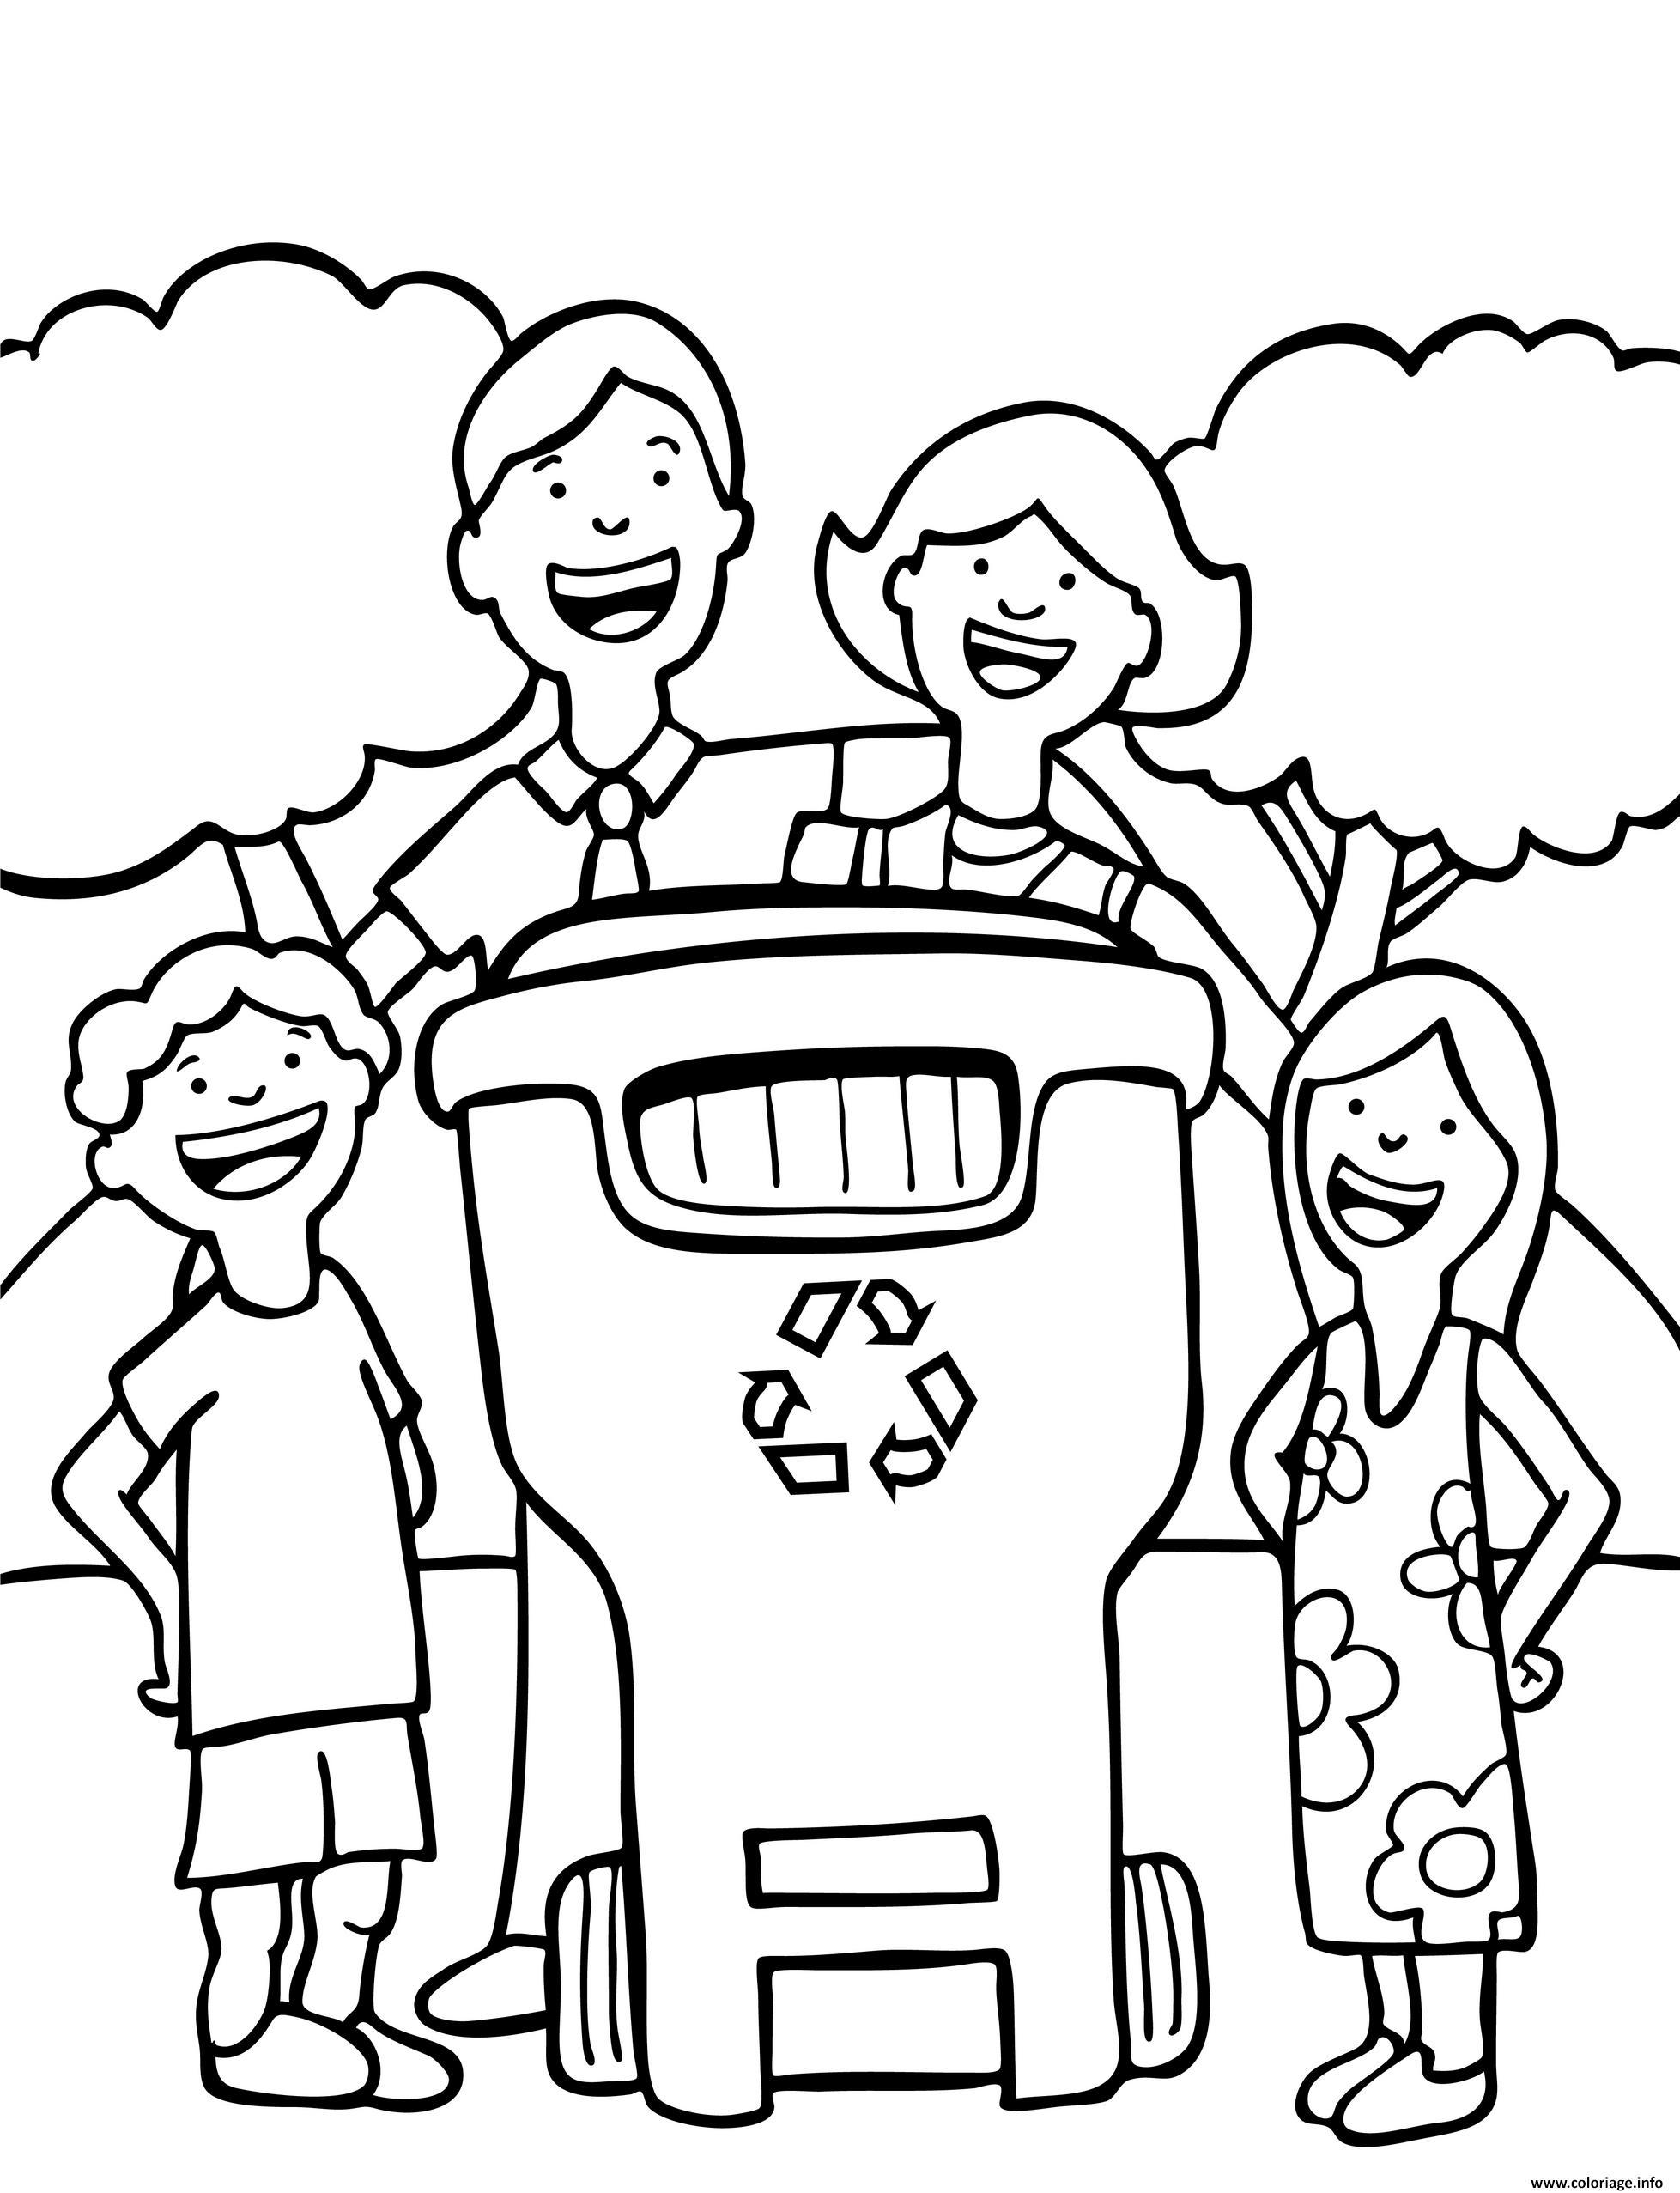 Dessin famille bonne habitude jour de la terre recyclage Coloriage Gratuit à Imprimer